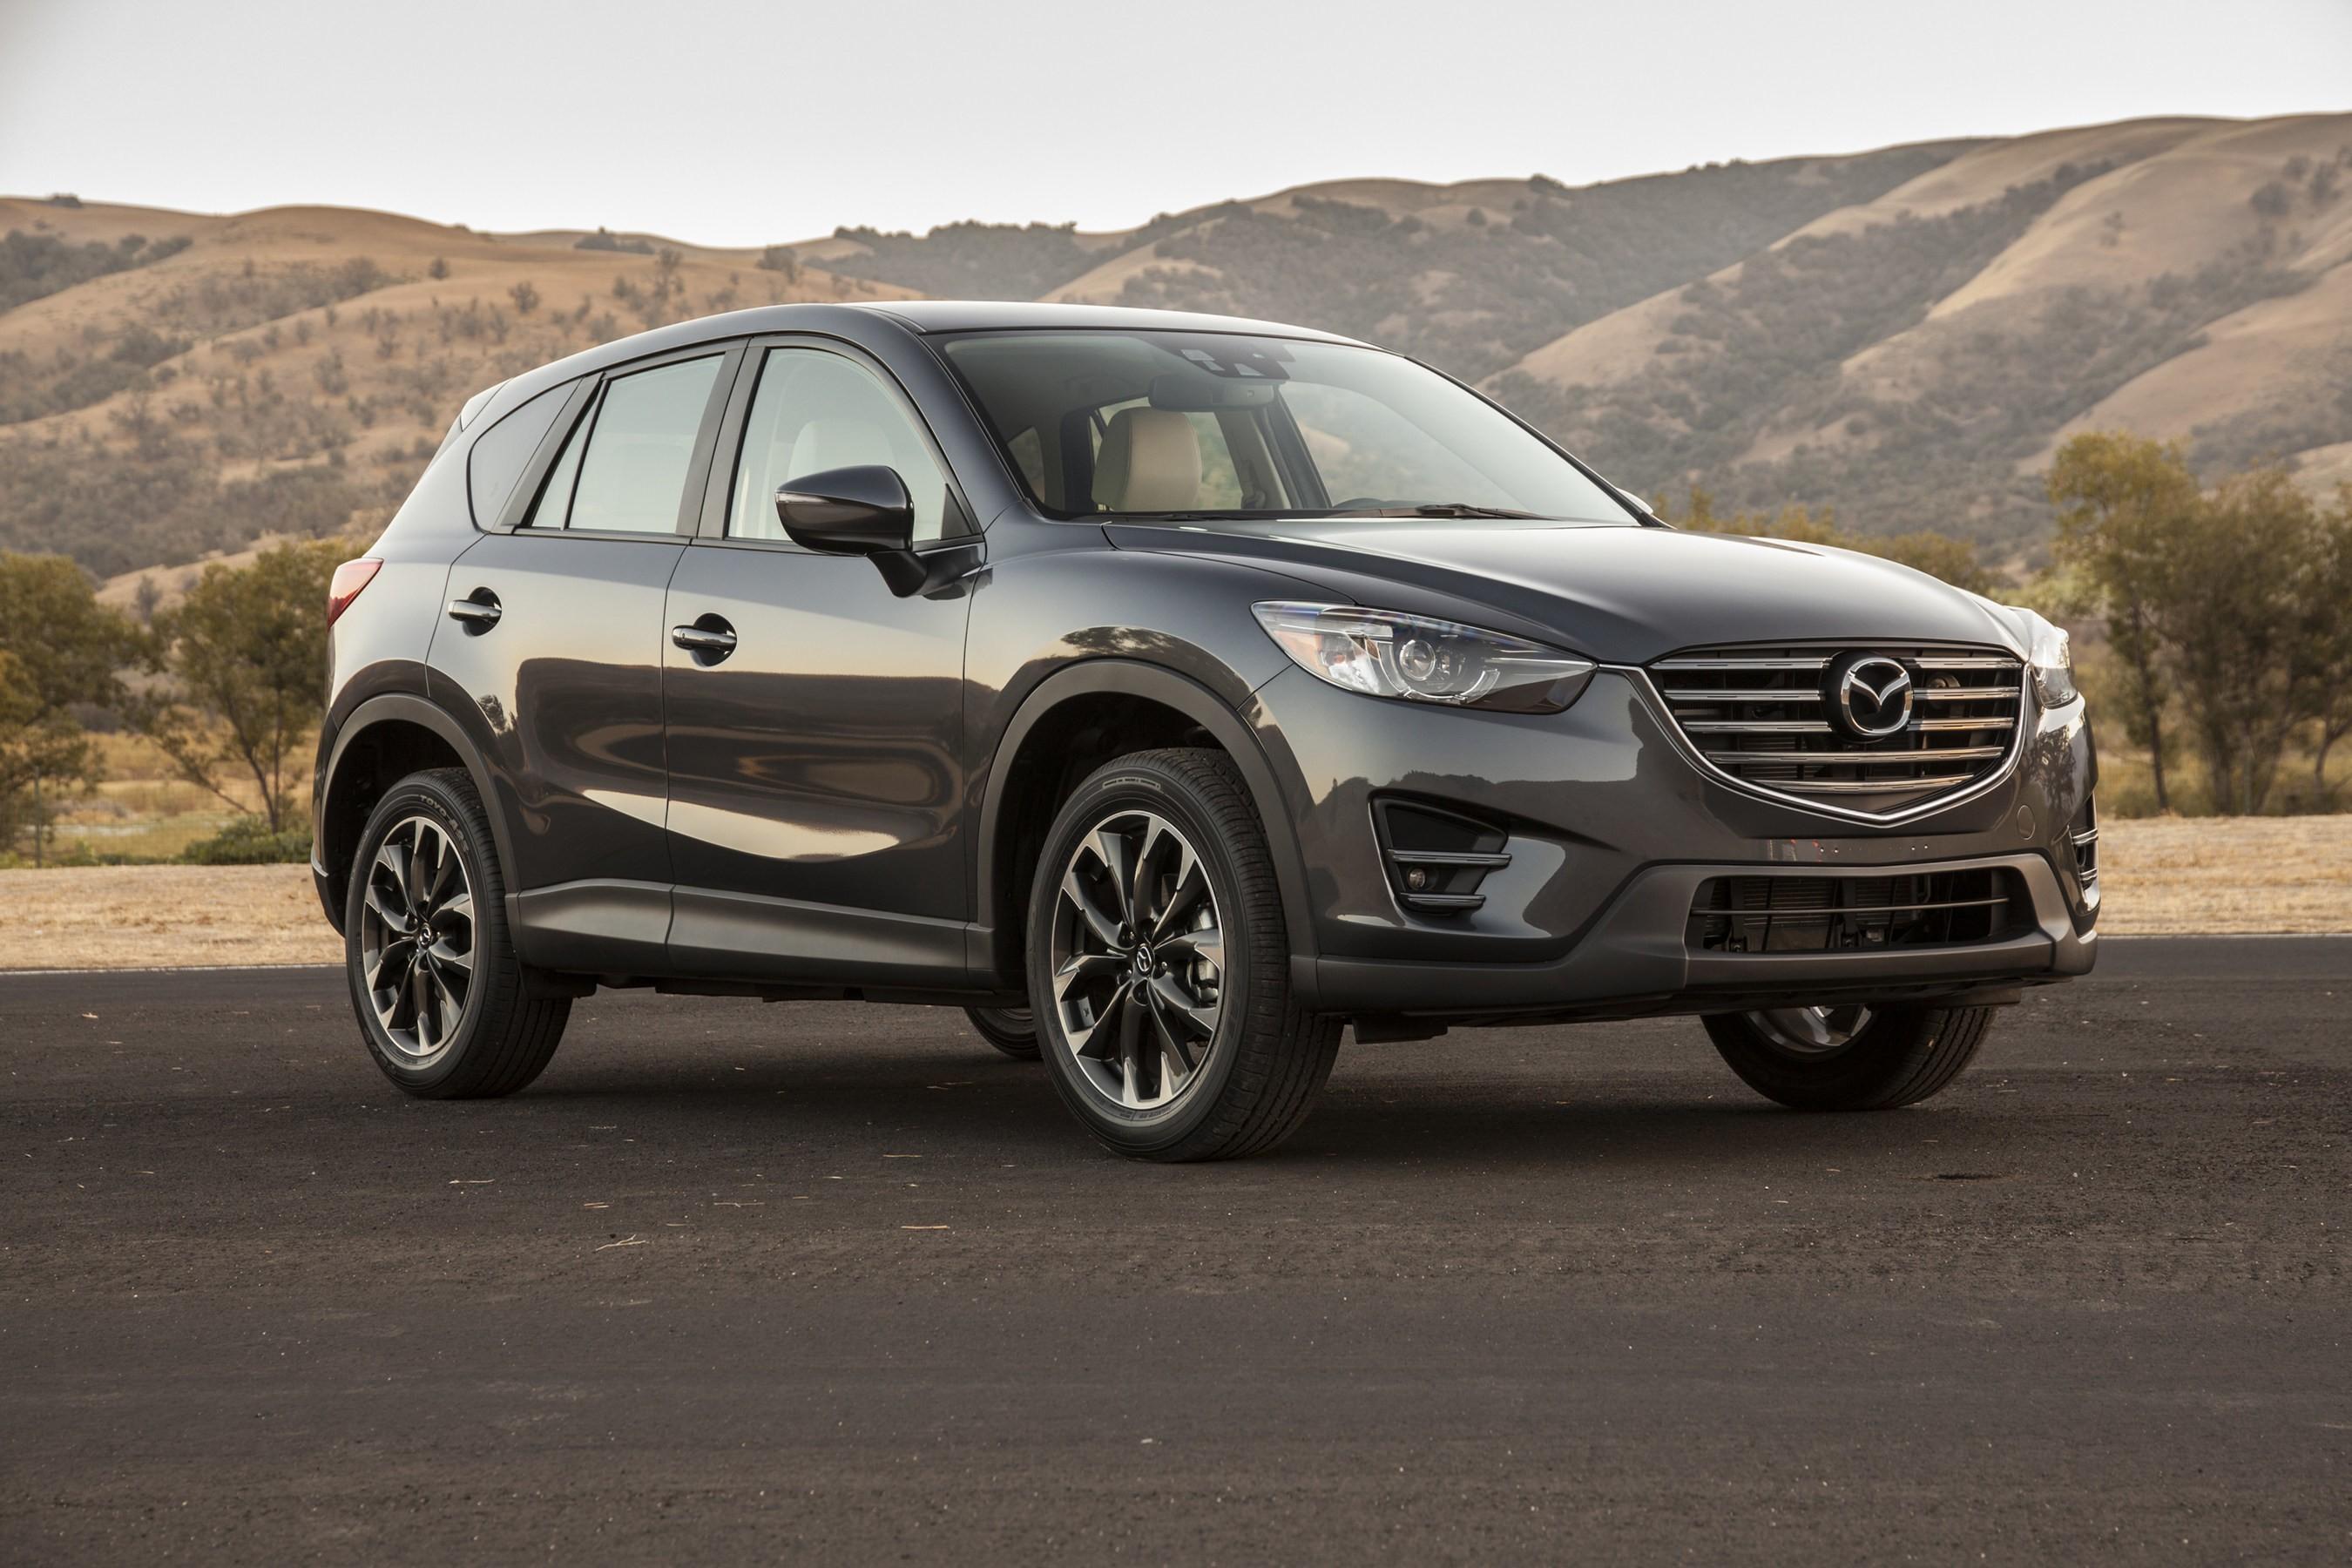 Mazda показала обновленный кроссовер типа 2016.5 CX-5